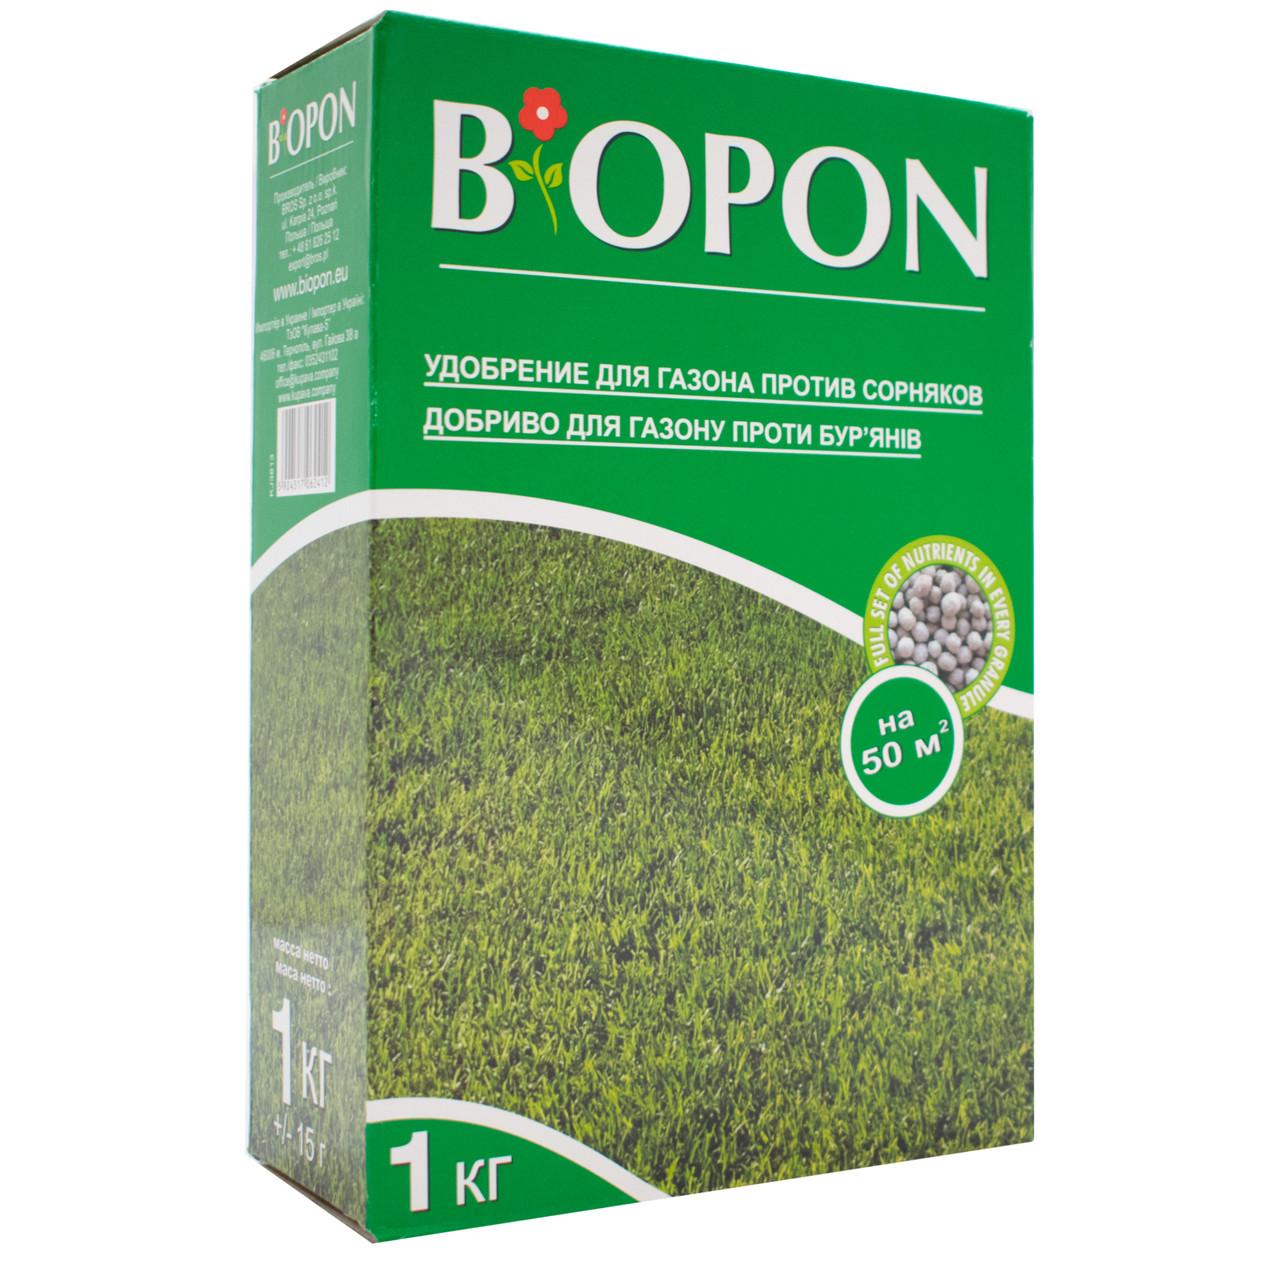 Удобрение Biopon для газона против сорняков 1 кг